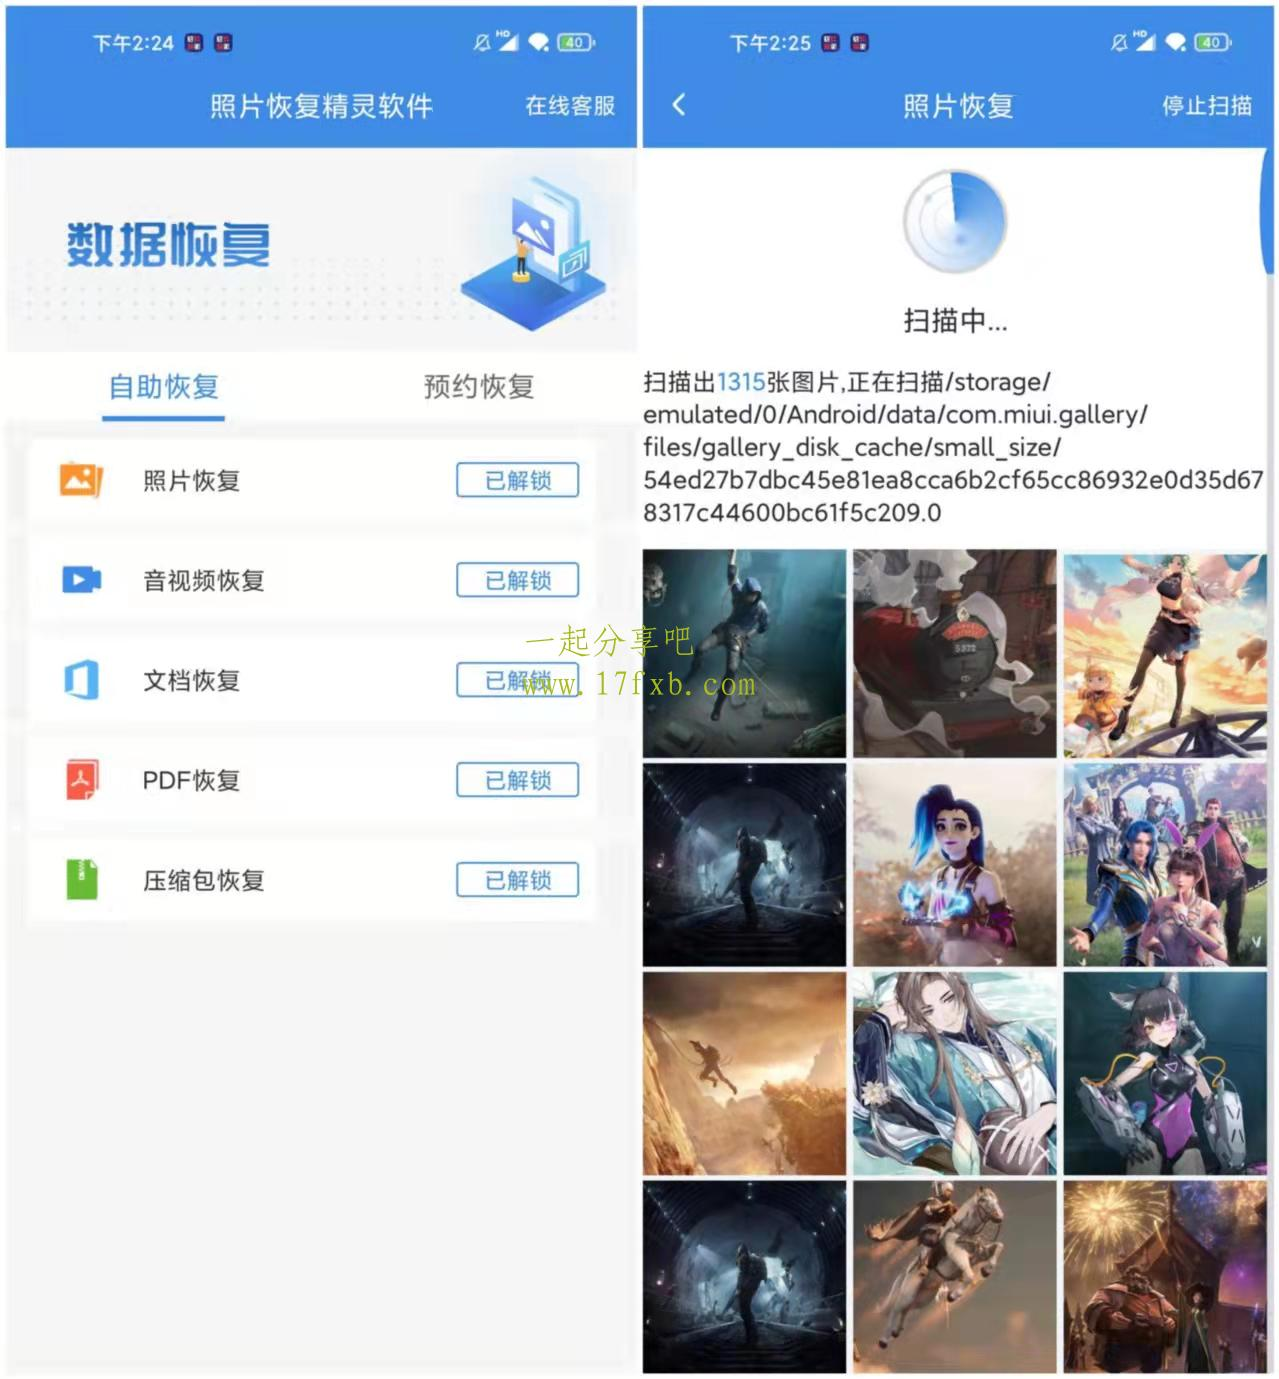 照片恢复精灵软件 v2.4.0 一键找回丢失的记忆 第1张